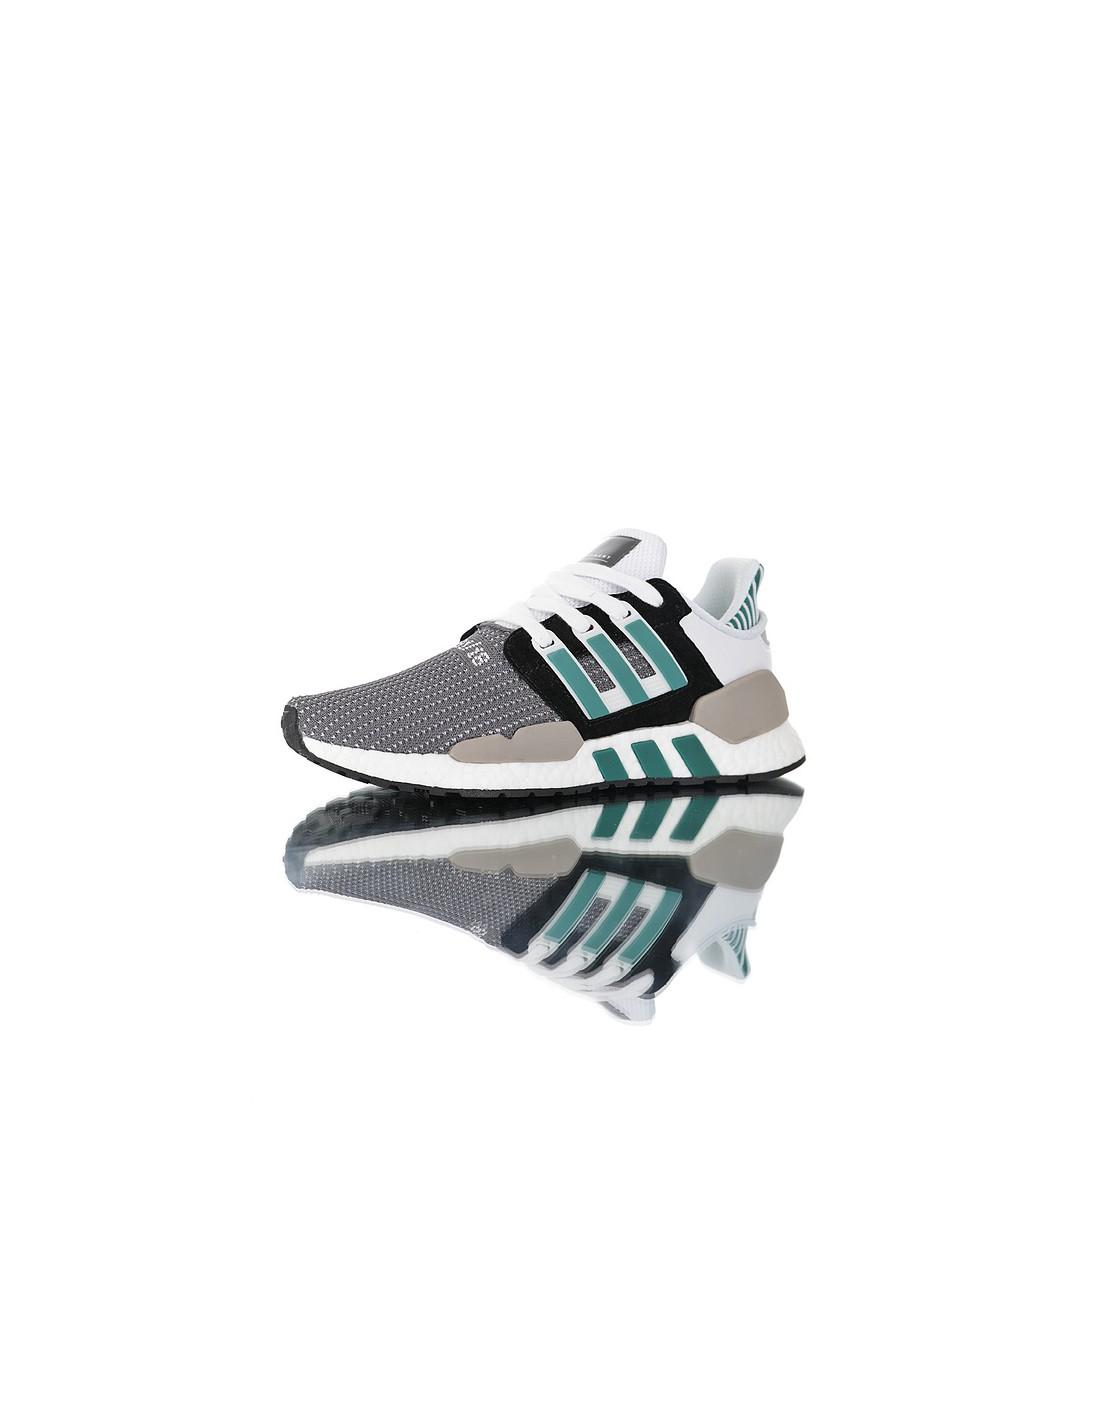 Adidas EQT Support 9118 Men's & Women's Shoe